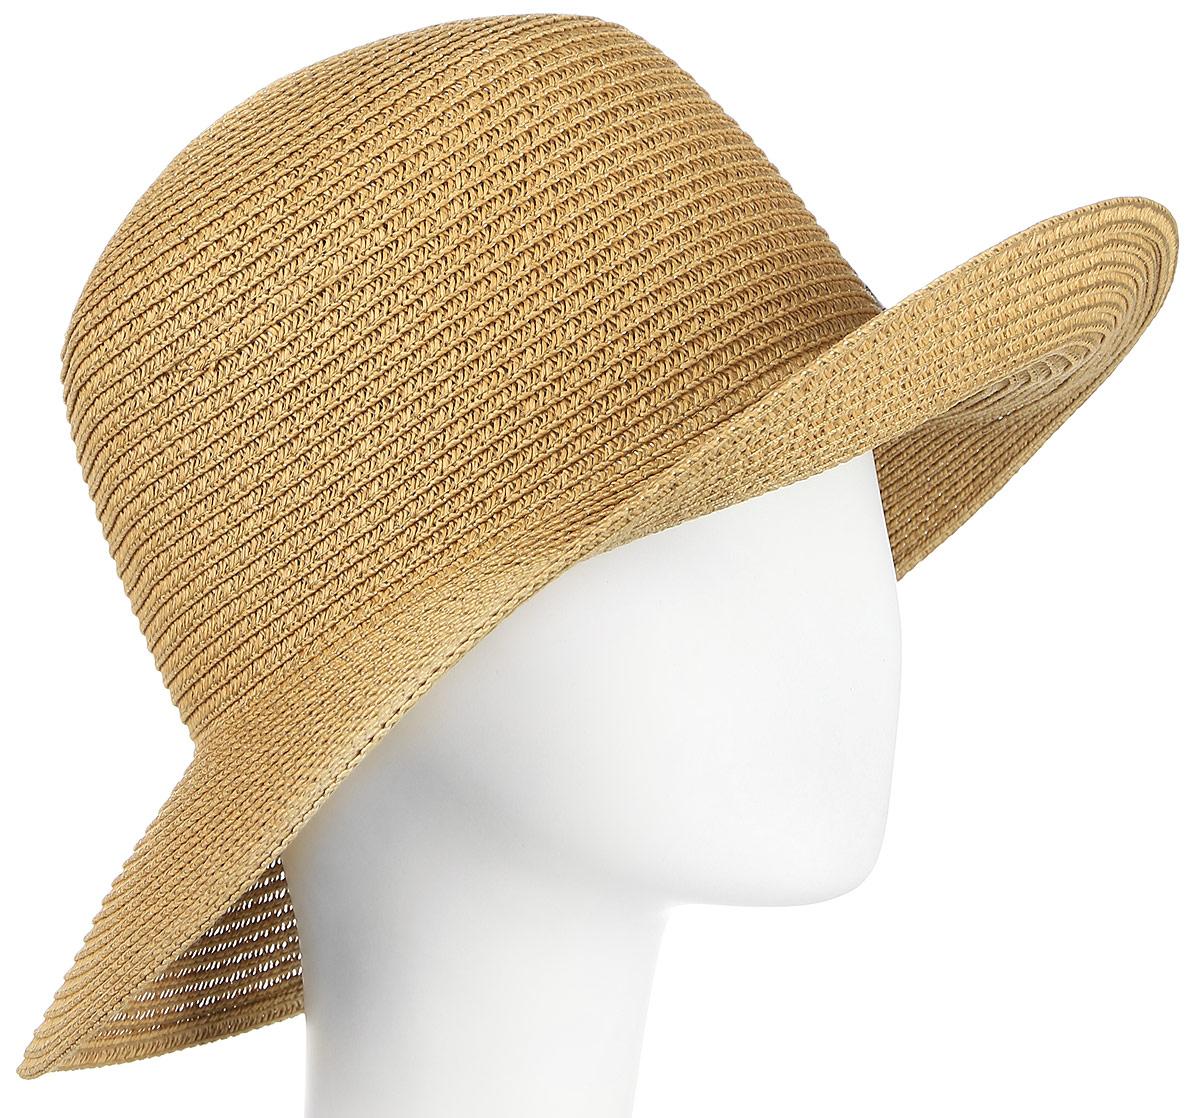 Шляпа женская Maxval, цвет: бежевый. HtW100277. Размер 57HtW100277Модная шляпа Maxval выполнена из качественной бумажной соломки. Шляпа с широкими полями дополнена бантом контрастного цвета. Эта модель станет отличным аксессуаром и дополнит ваш повседневный образ.